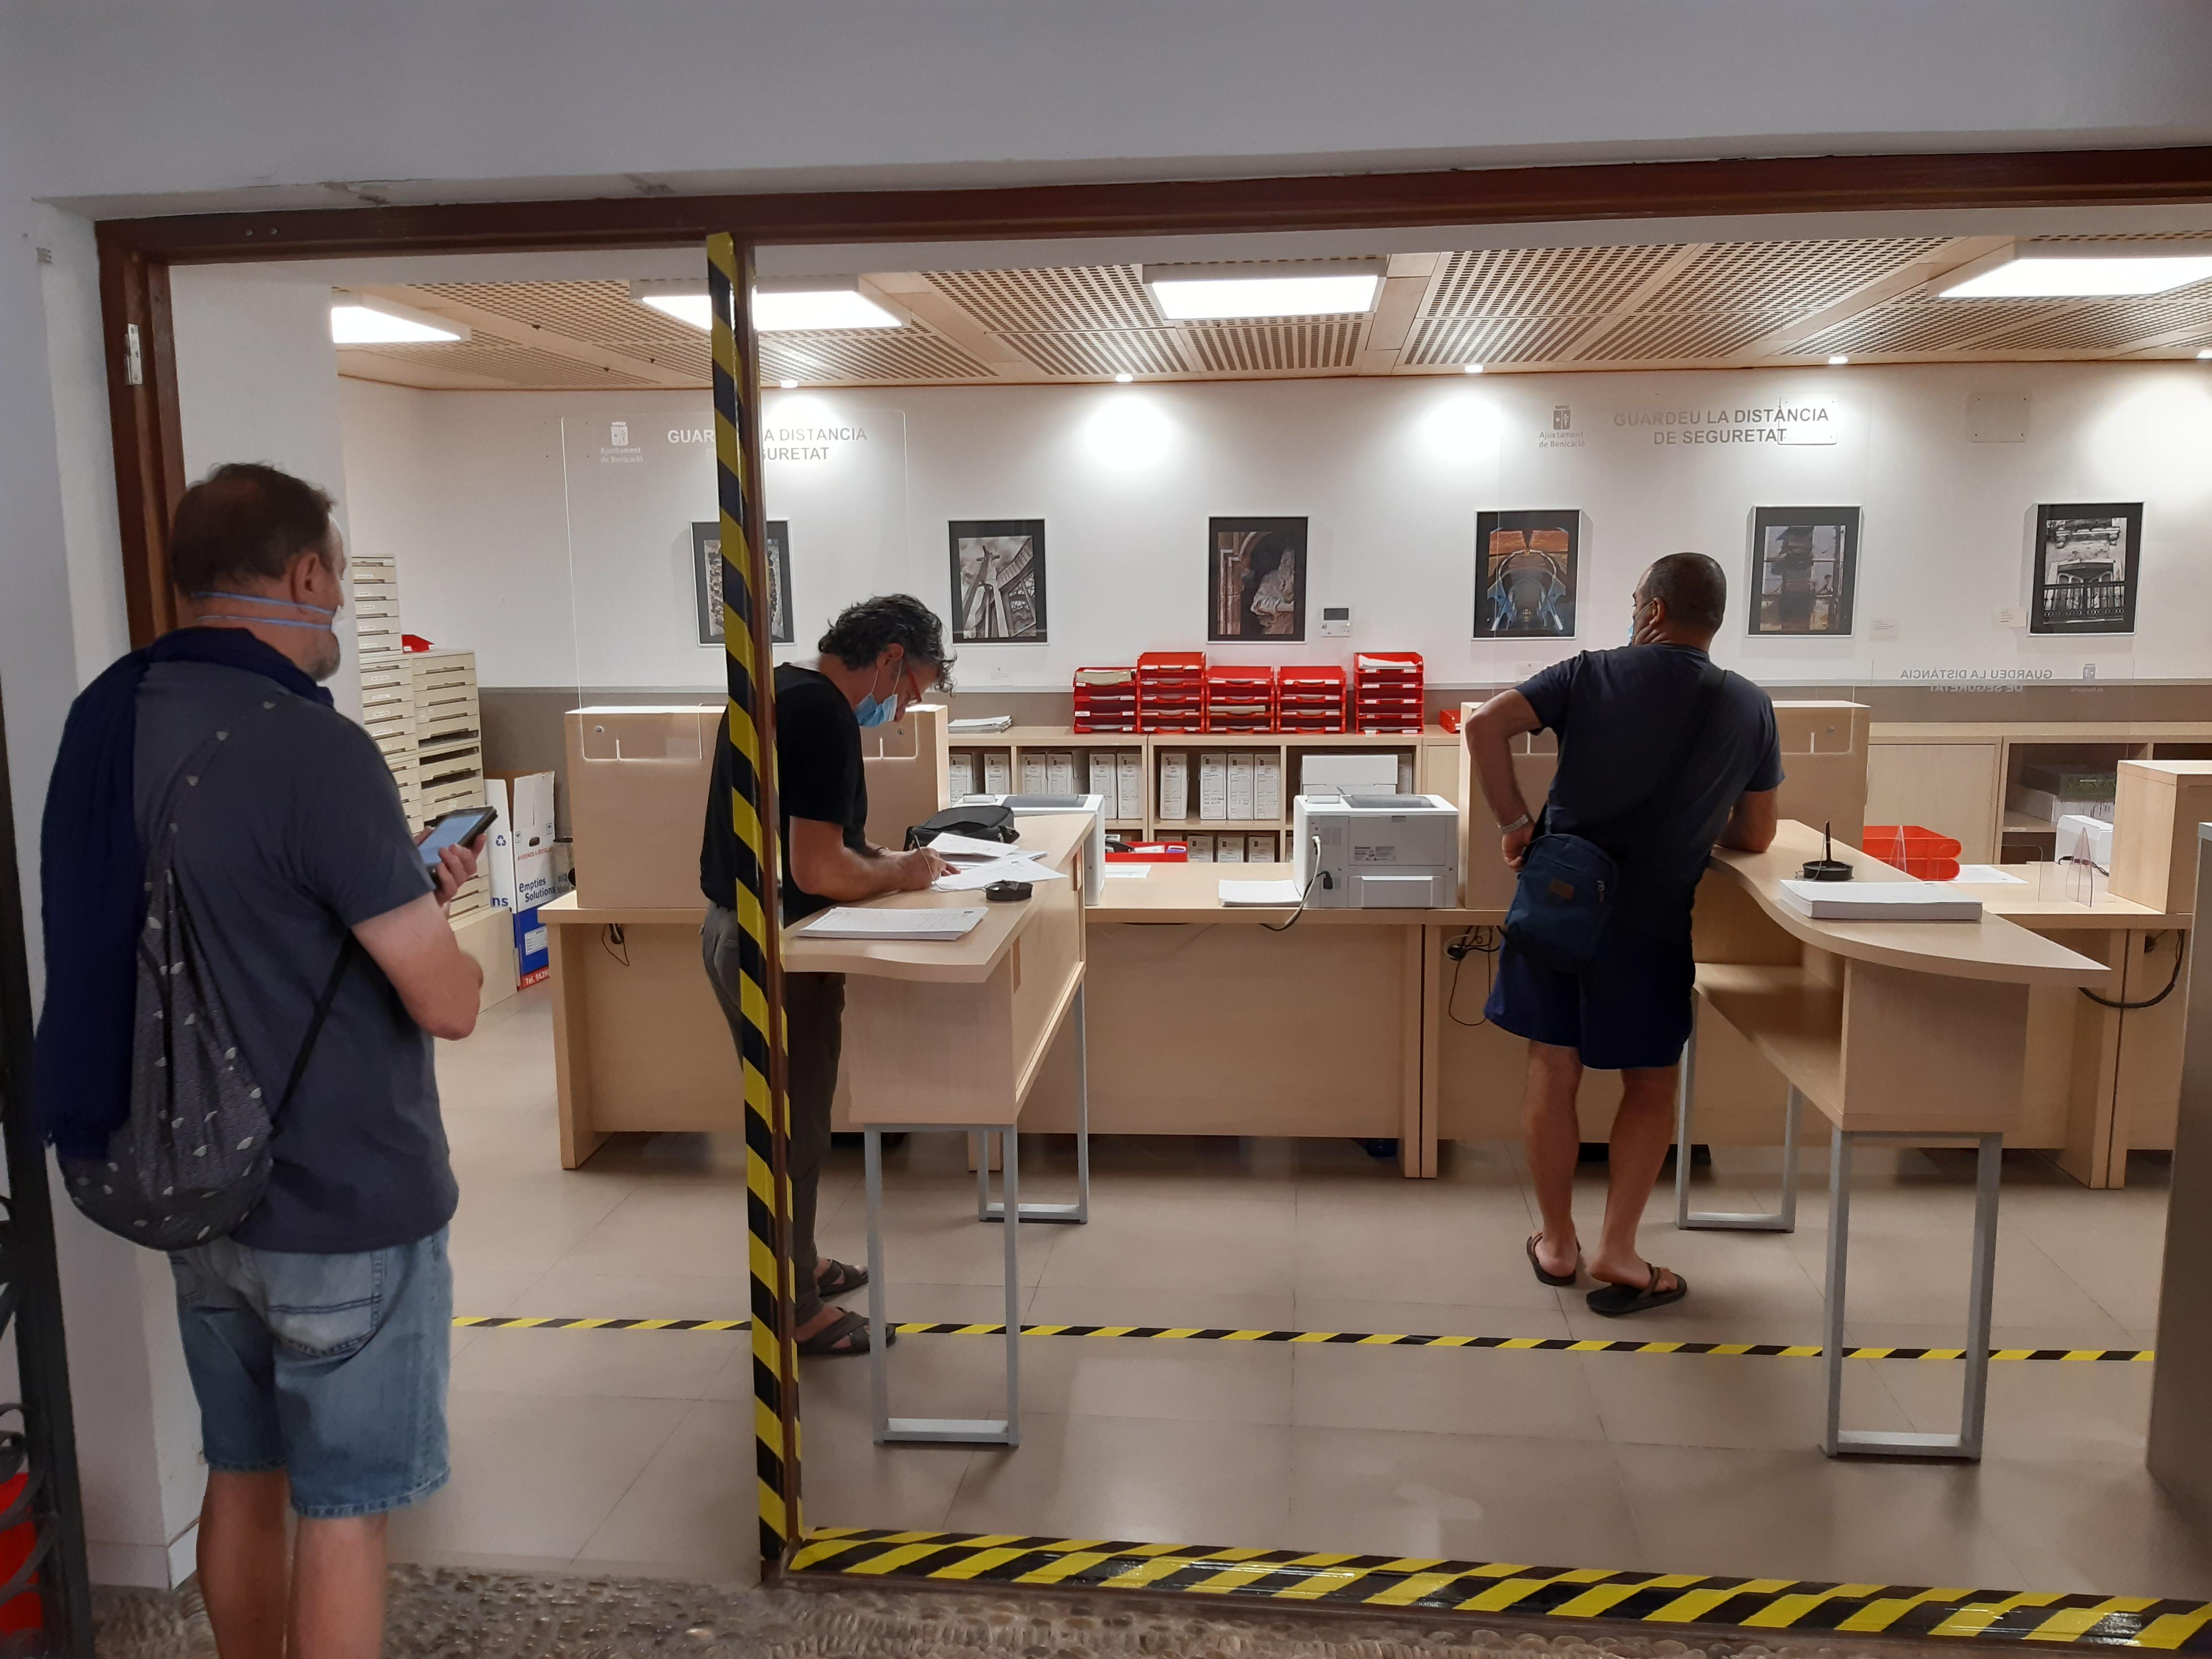 L'Ajuntament de Benicarló ha tramitat 812 certificats digitals només durant l'estat d'alarma